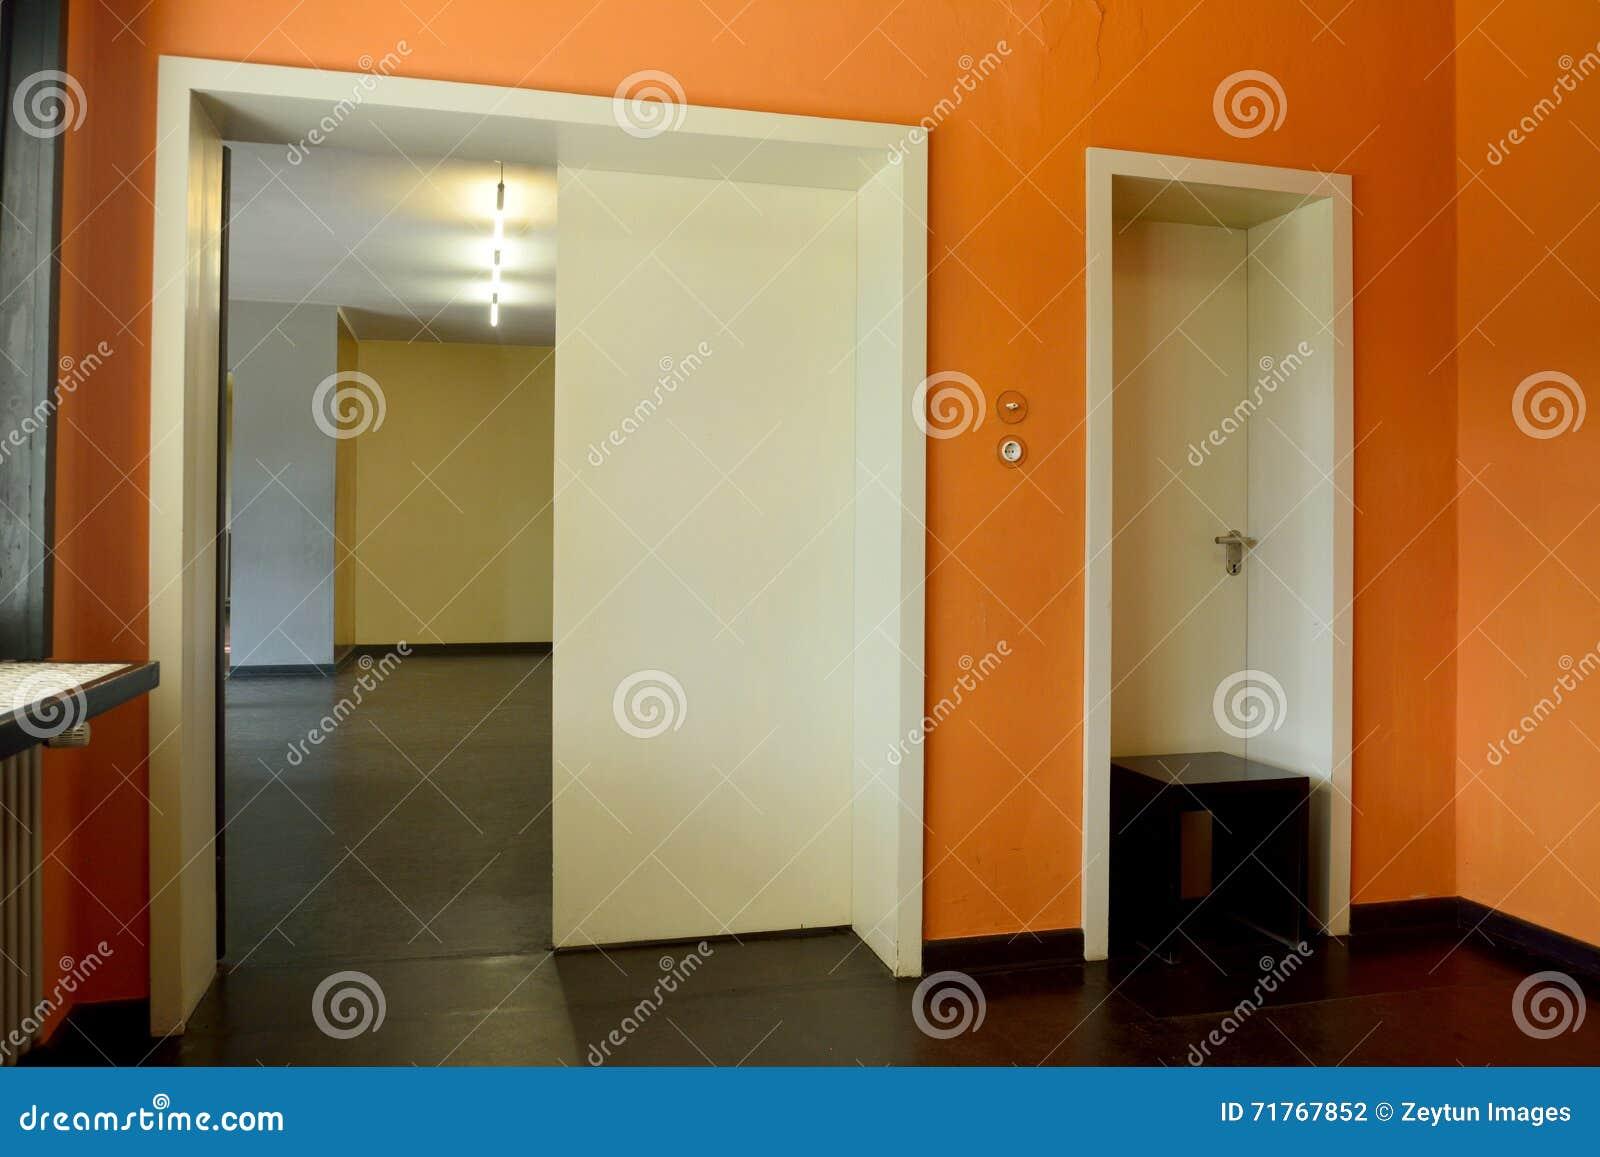 Porte Bianche Colore Pareti interior design della camera kandinsky/klee in dessau